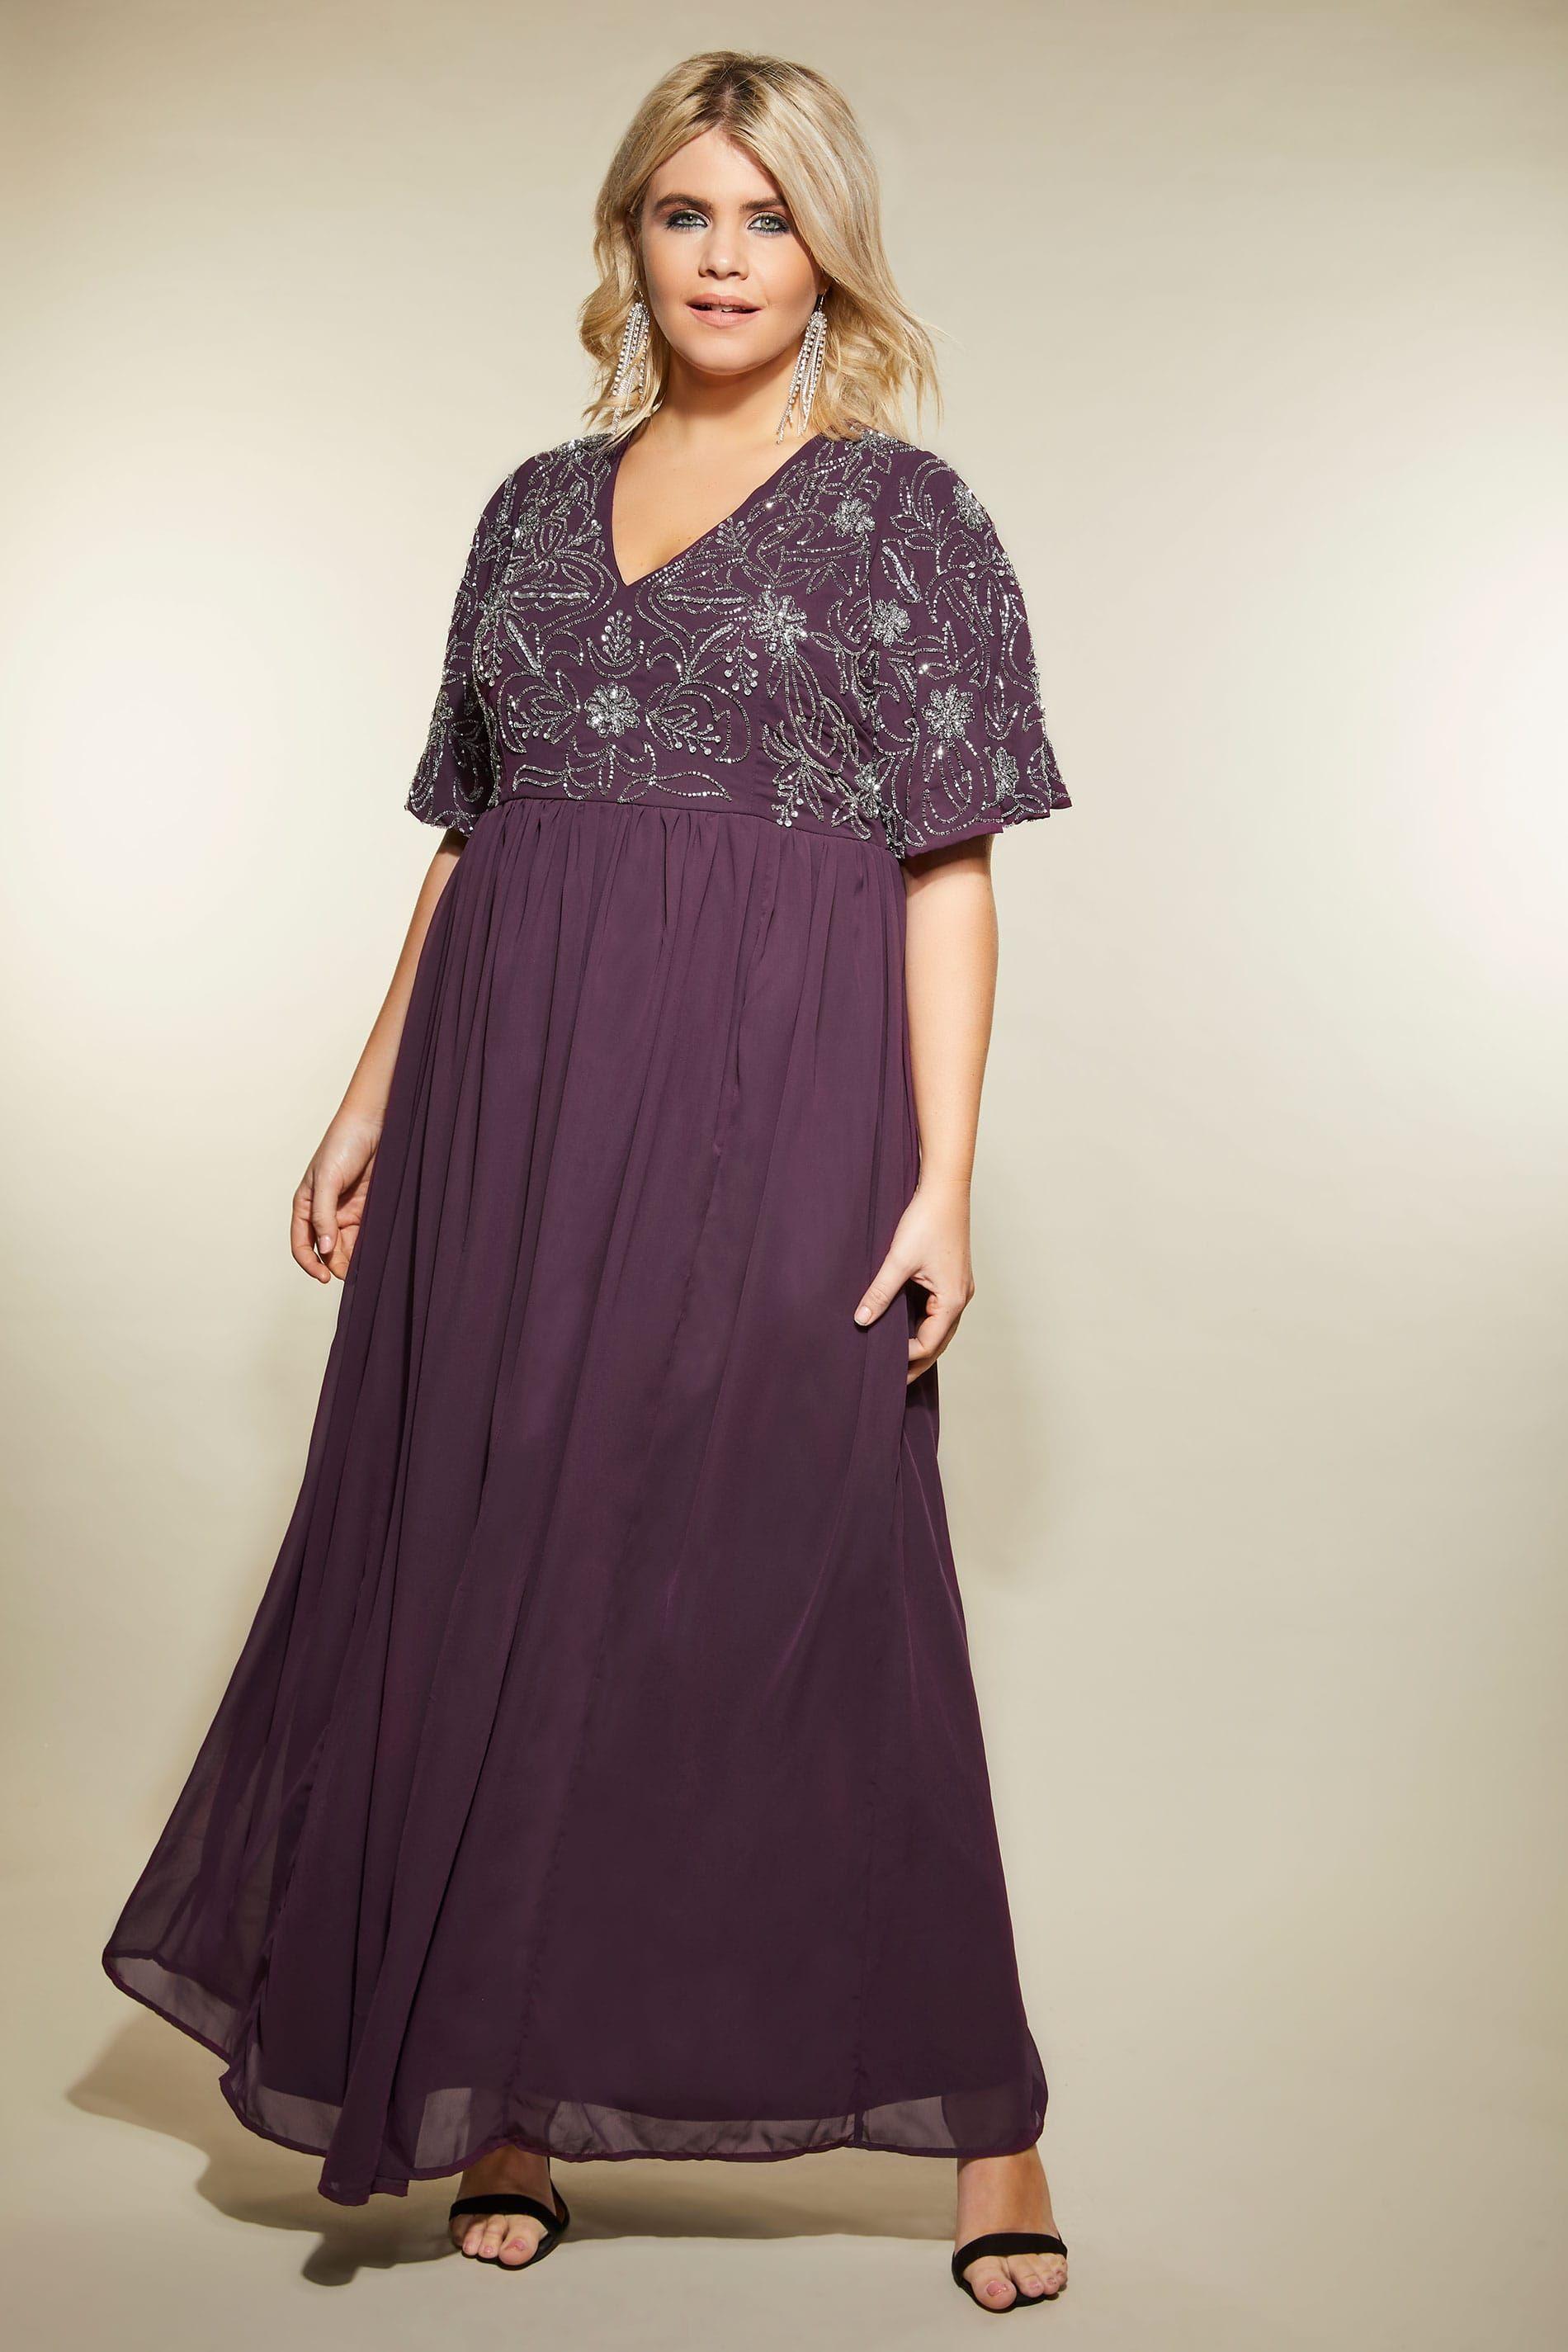 Plus size party dresses uk